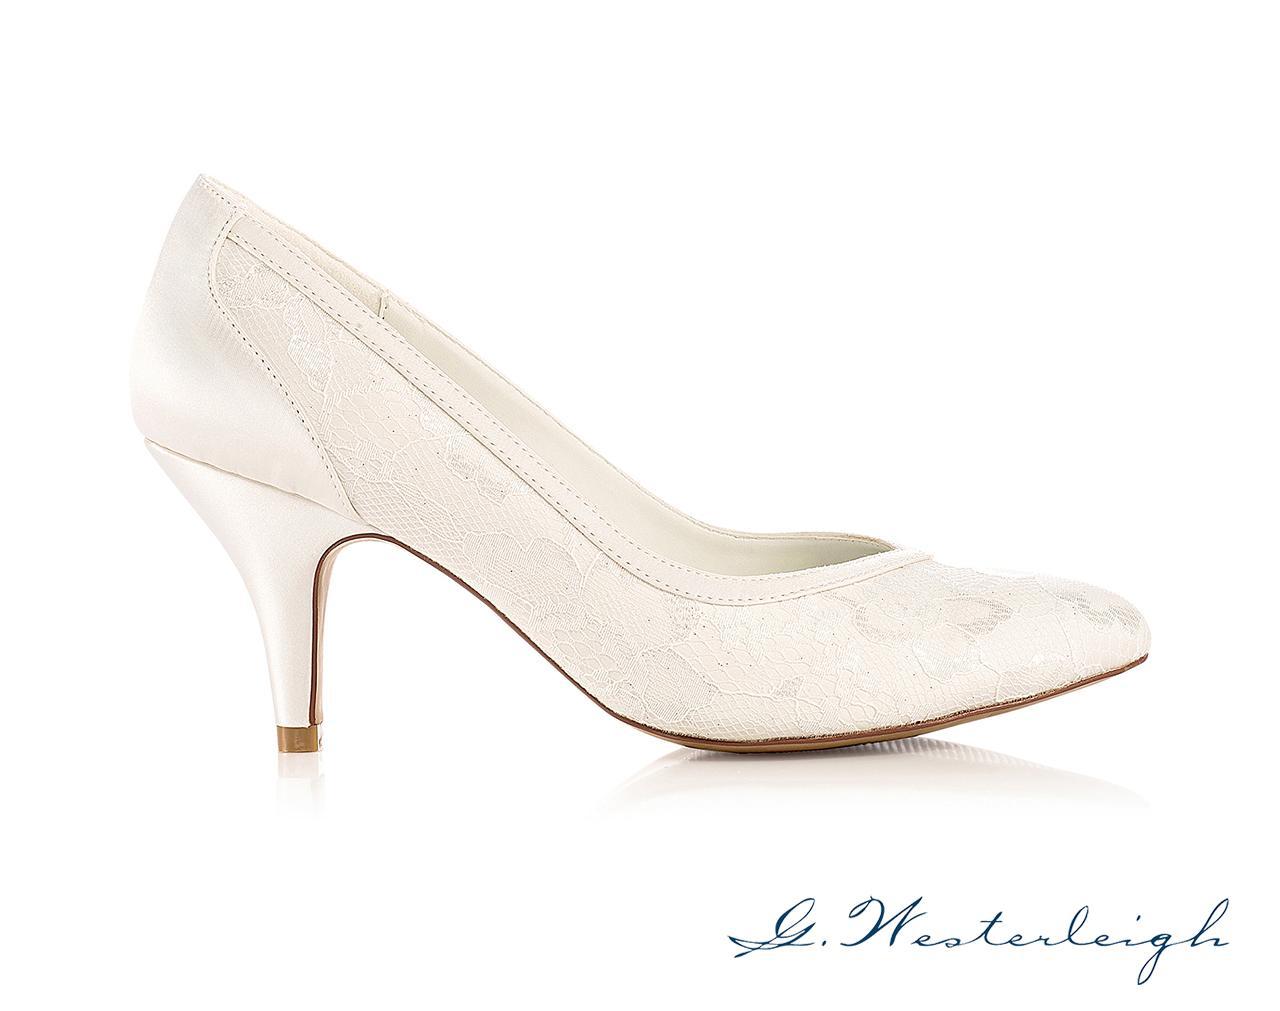 Svadobné topánky Grace - Obrázok č. 2